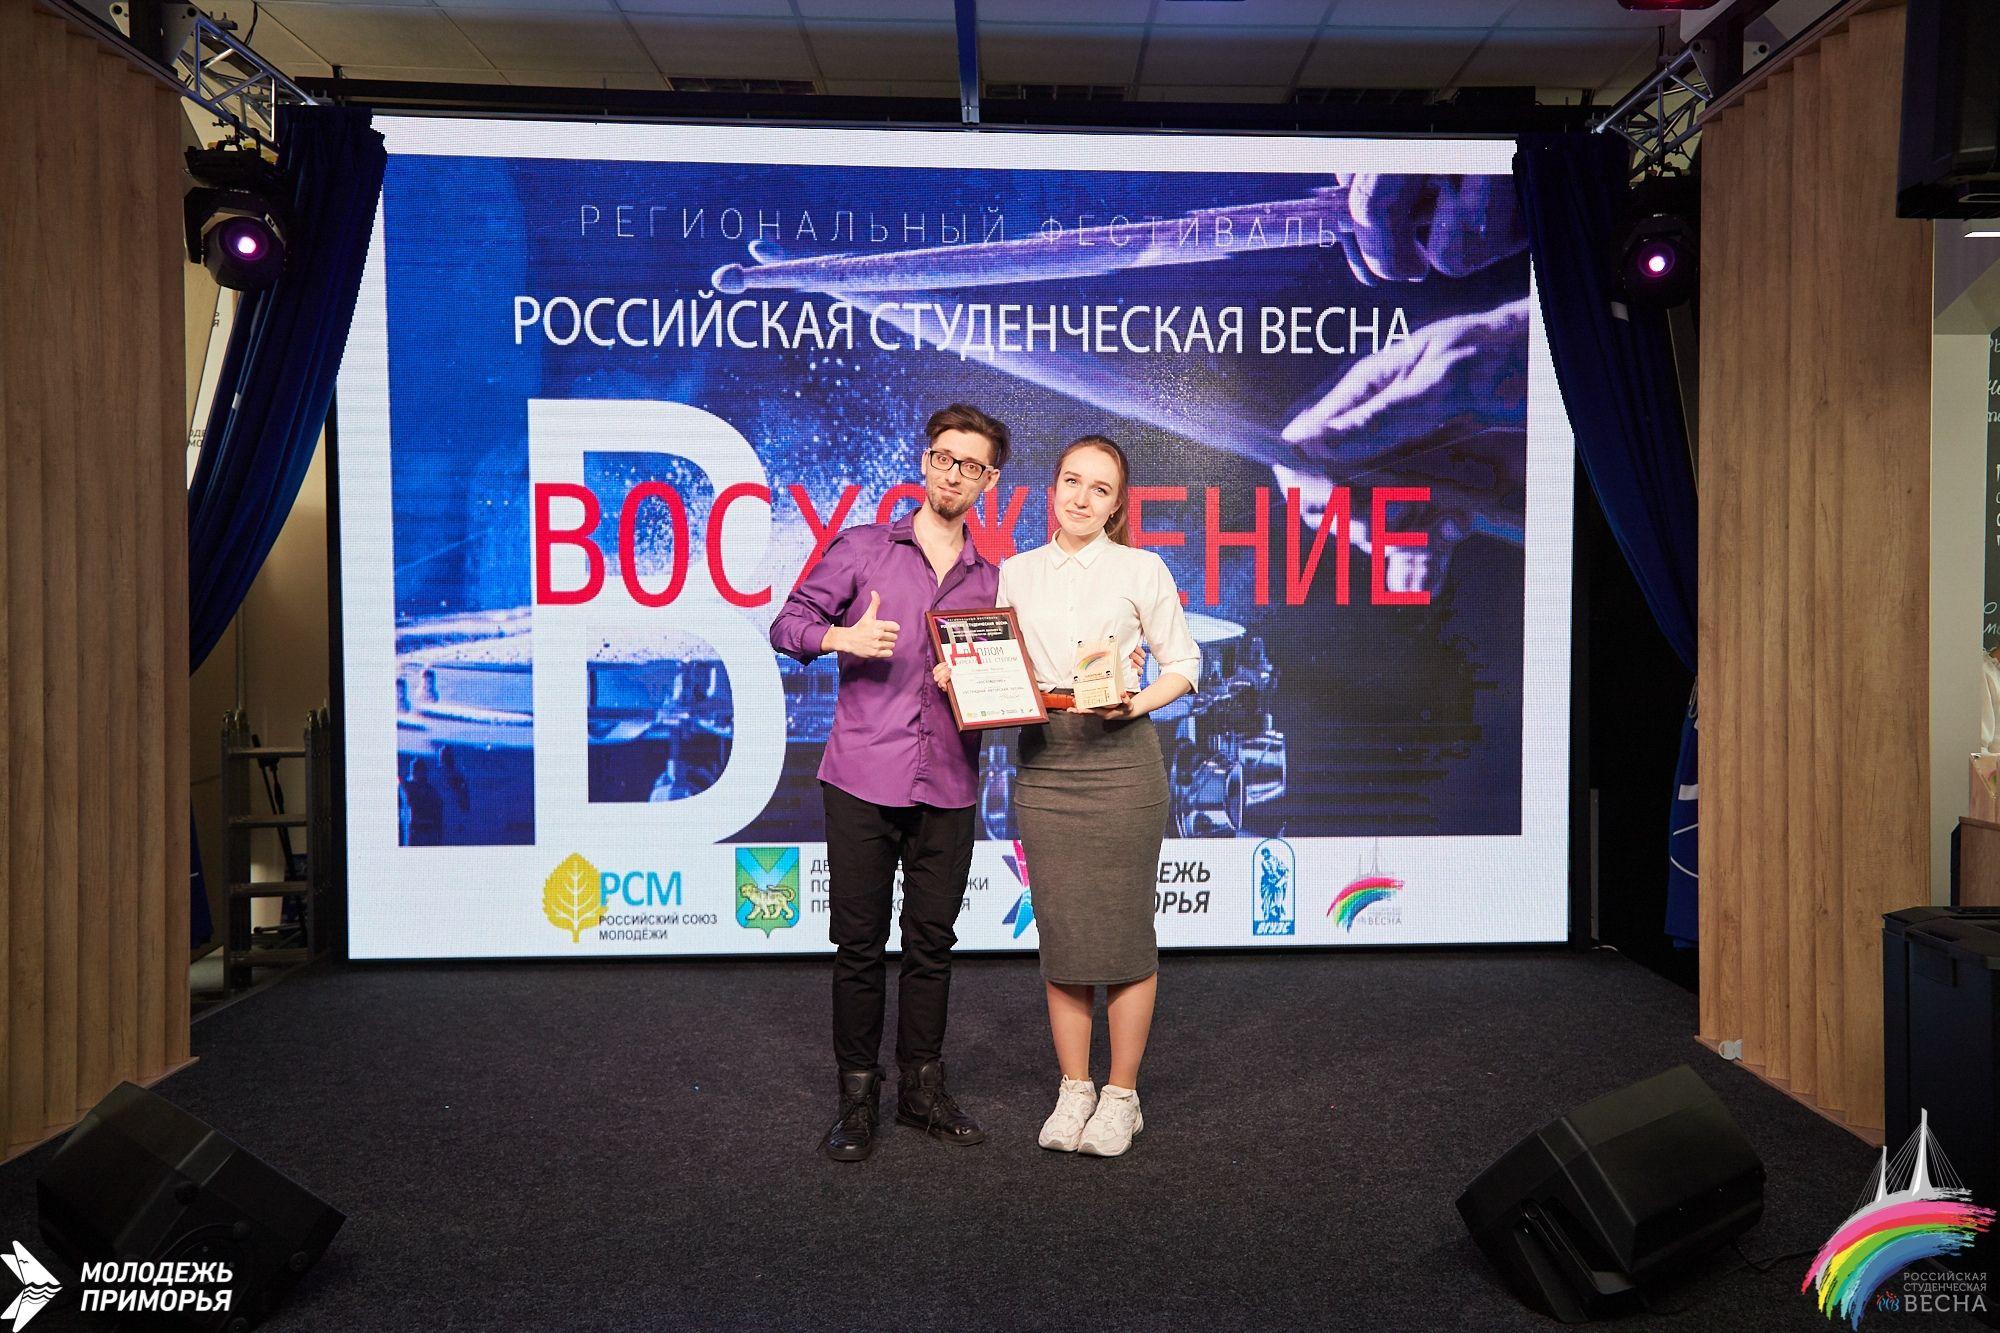 Студенты ВГУЭС стали лауреатами краевого студенческого конкурса «Восхождение»